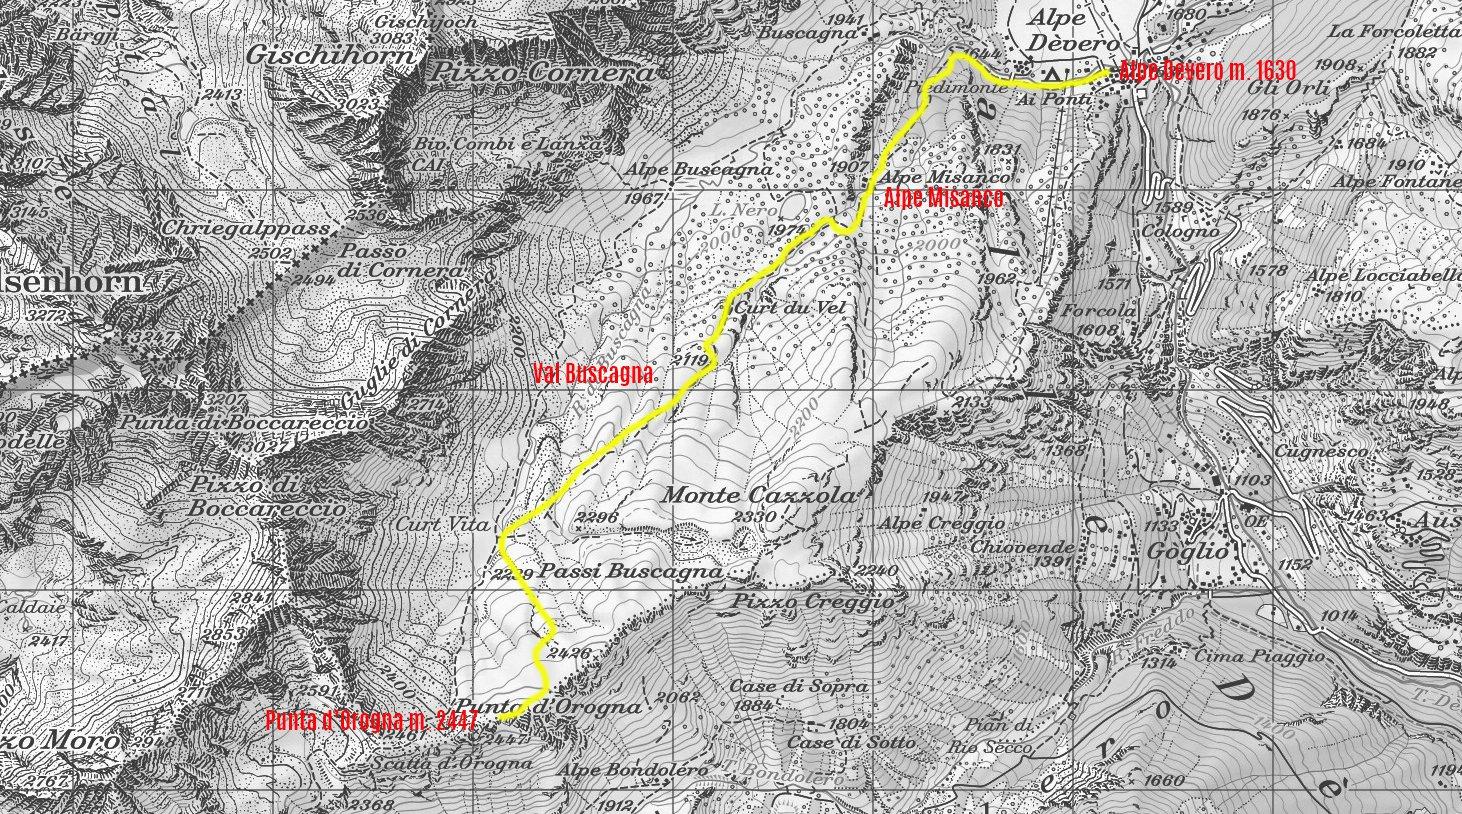 stralcio di carta topografica CNS e il nostro itinerario di salita